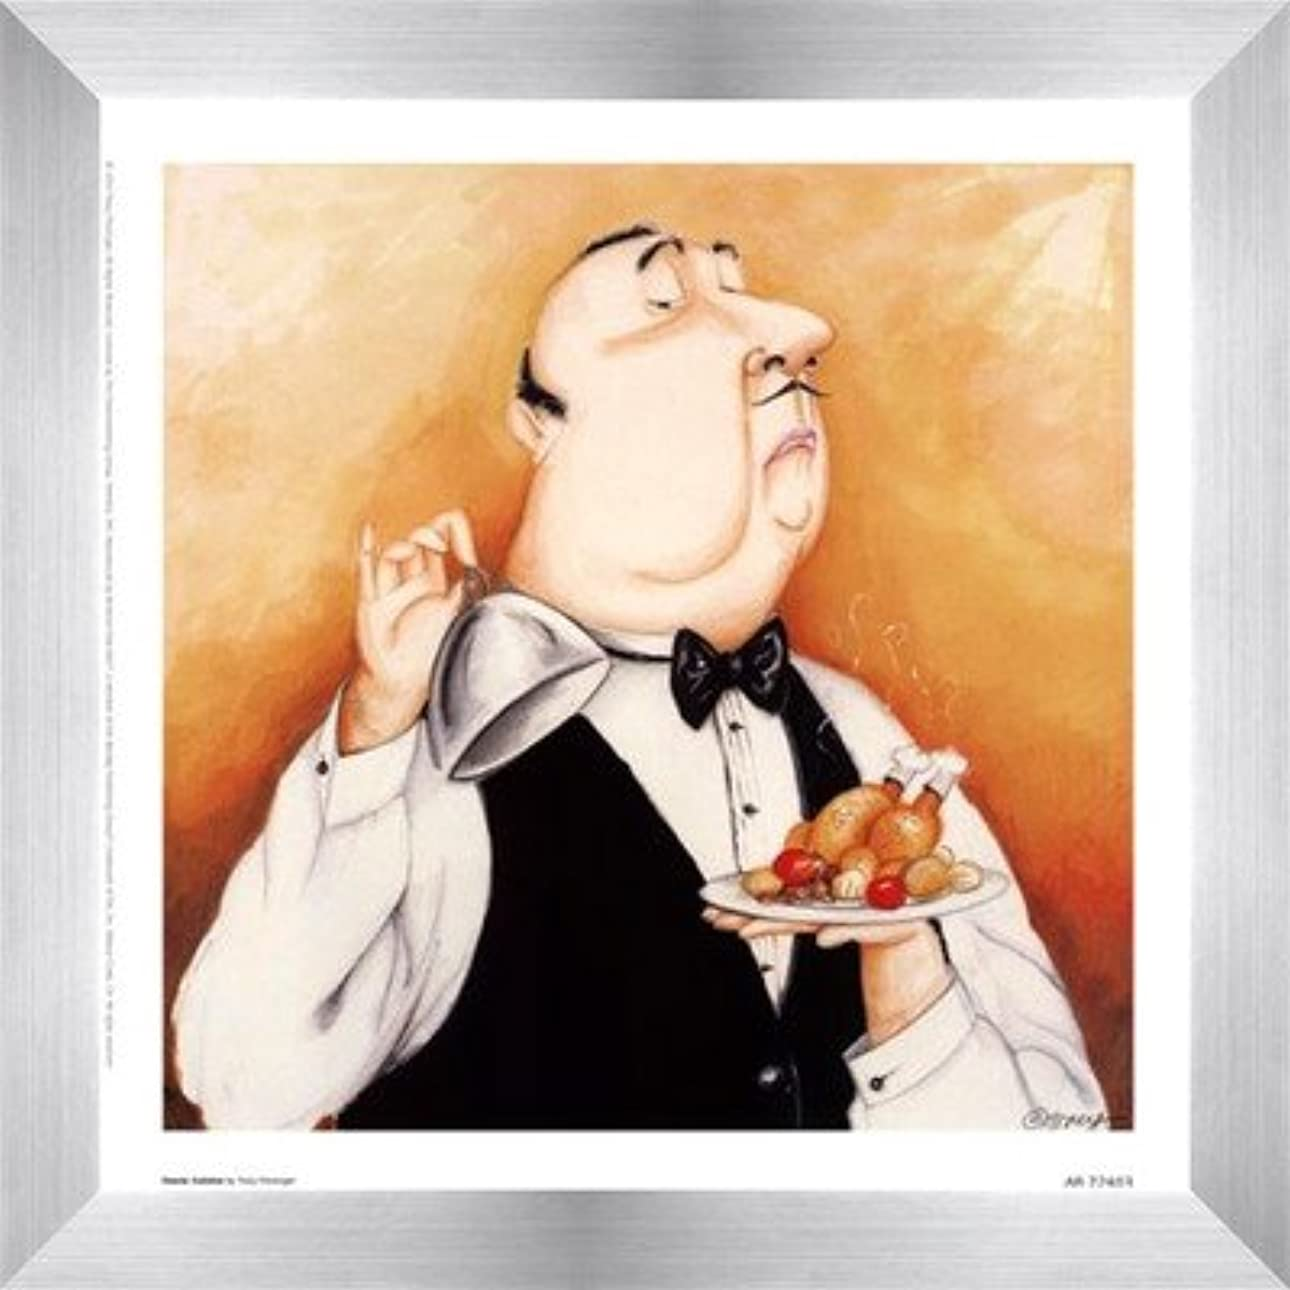 応じる倫理端末Haute料理by Tracy Flickinger – 9 x 9インチ – アートプリントポスター LE_468075-F9935-9x9